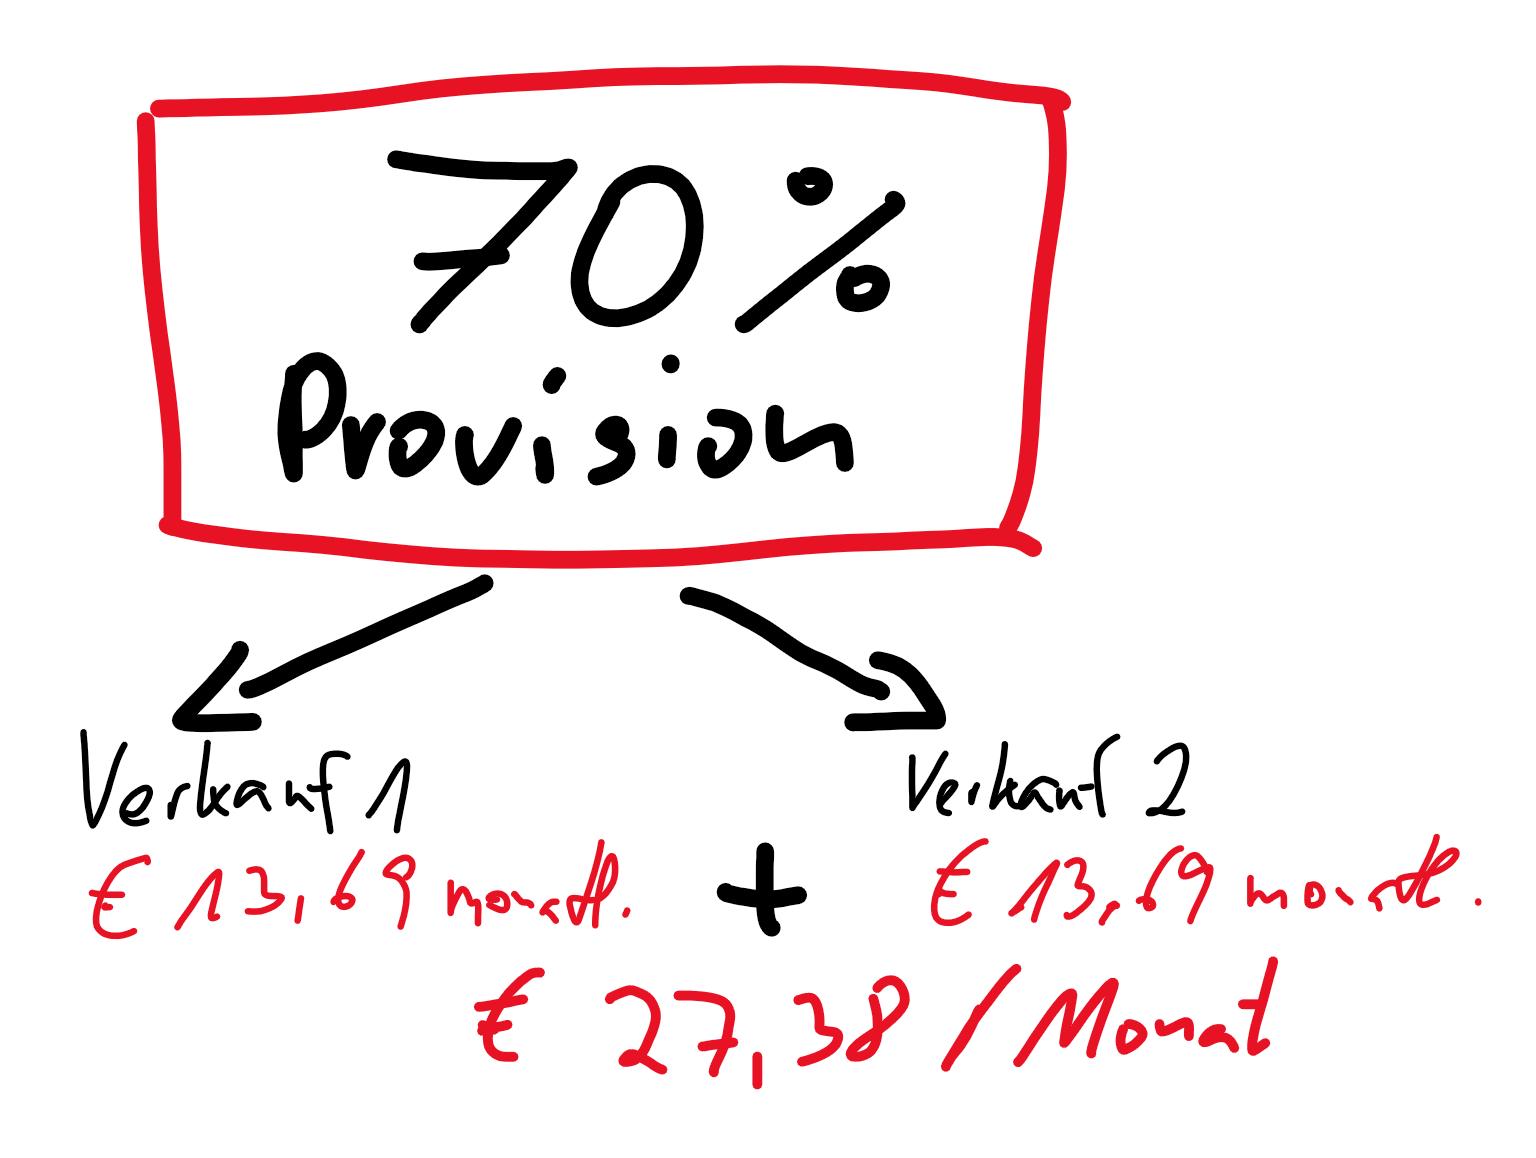 secret affiliate system provisinsmodell